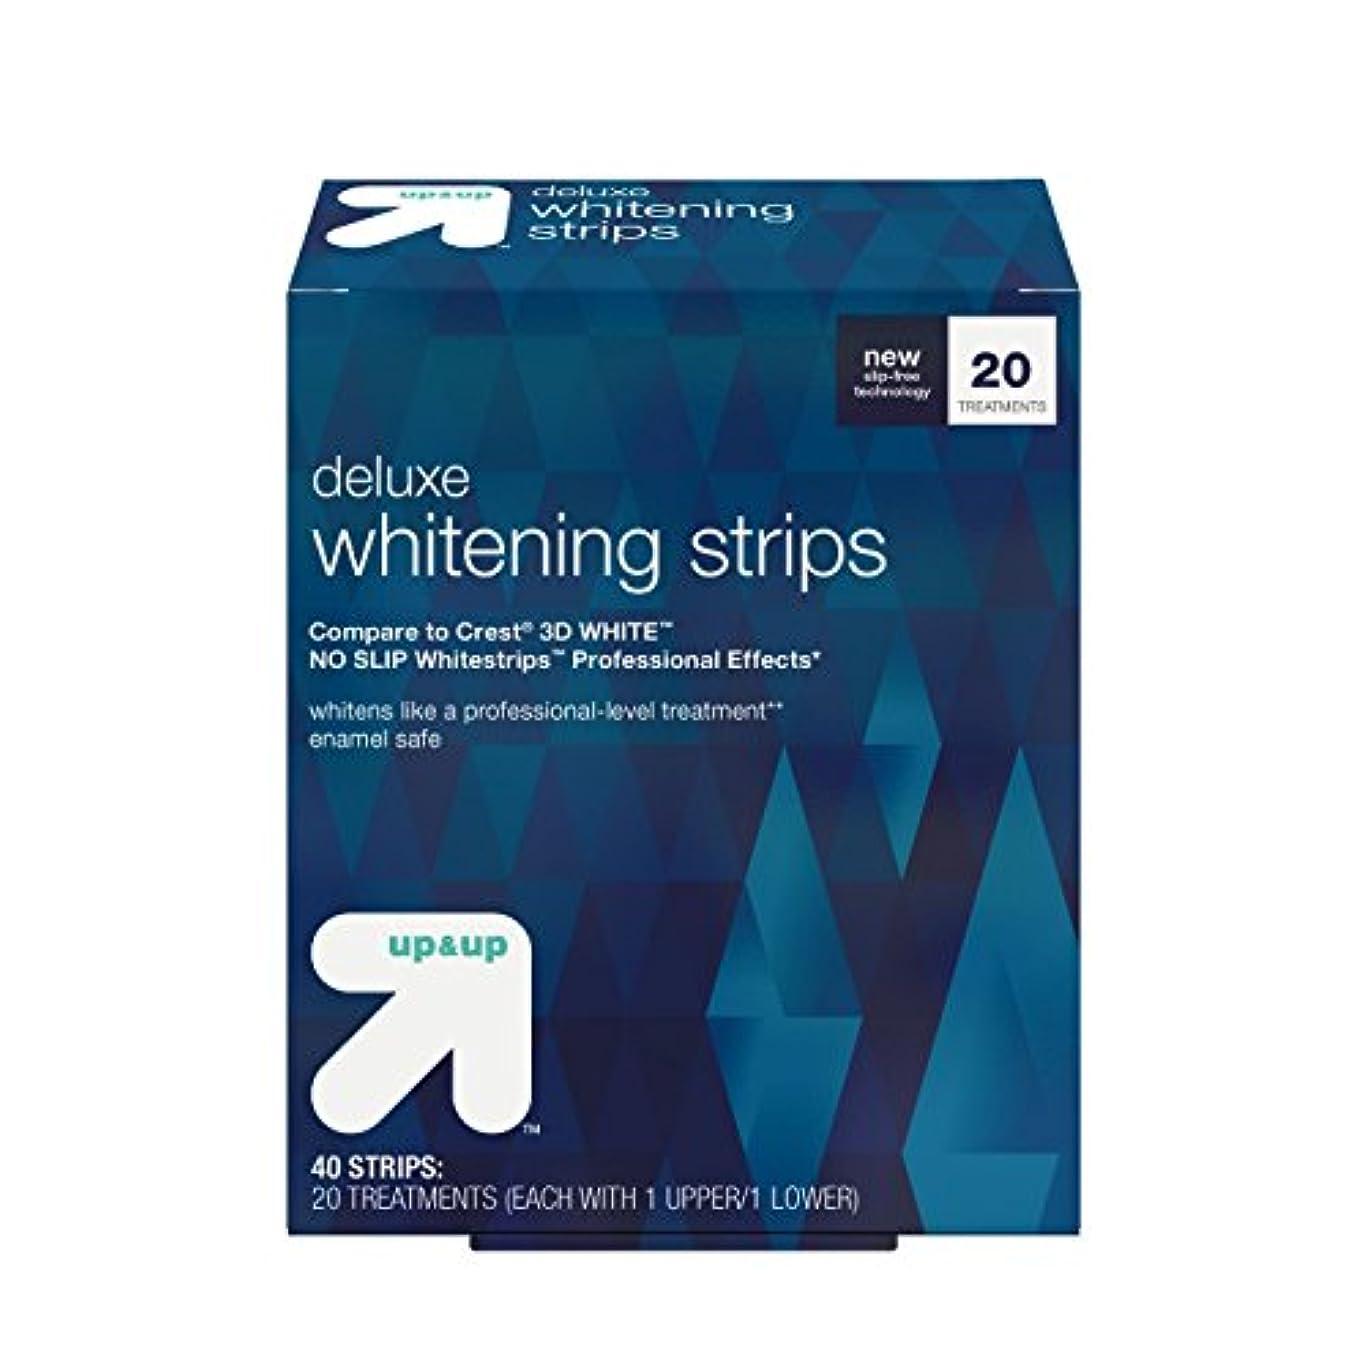 レース意味のある悪名高いデラックスホワイトニングストリップス 20日分 アップ&アップ Deluxe Whitening Strips -20 Day Treatment - up & up